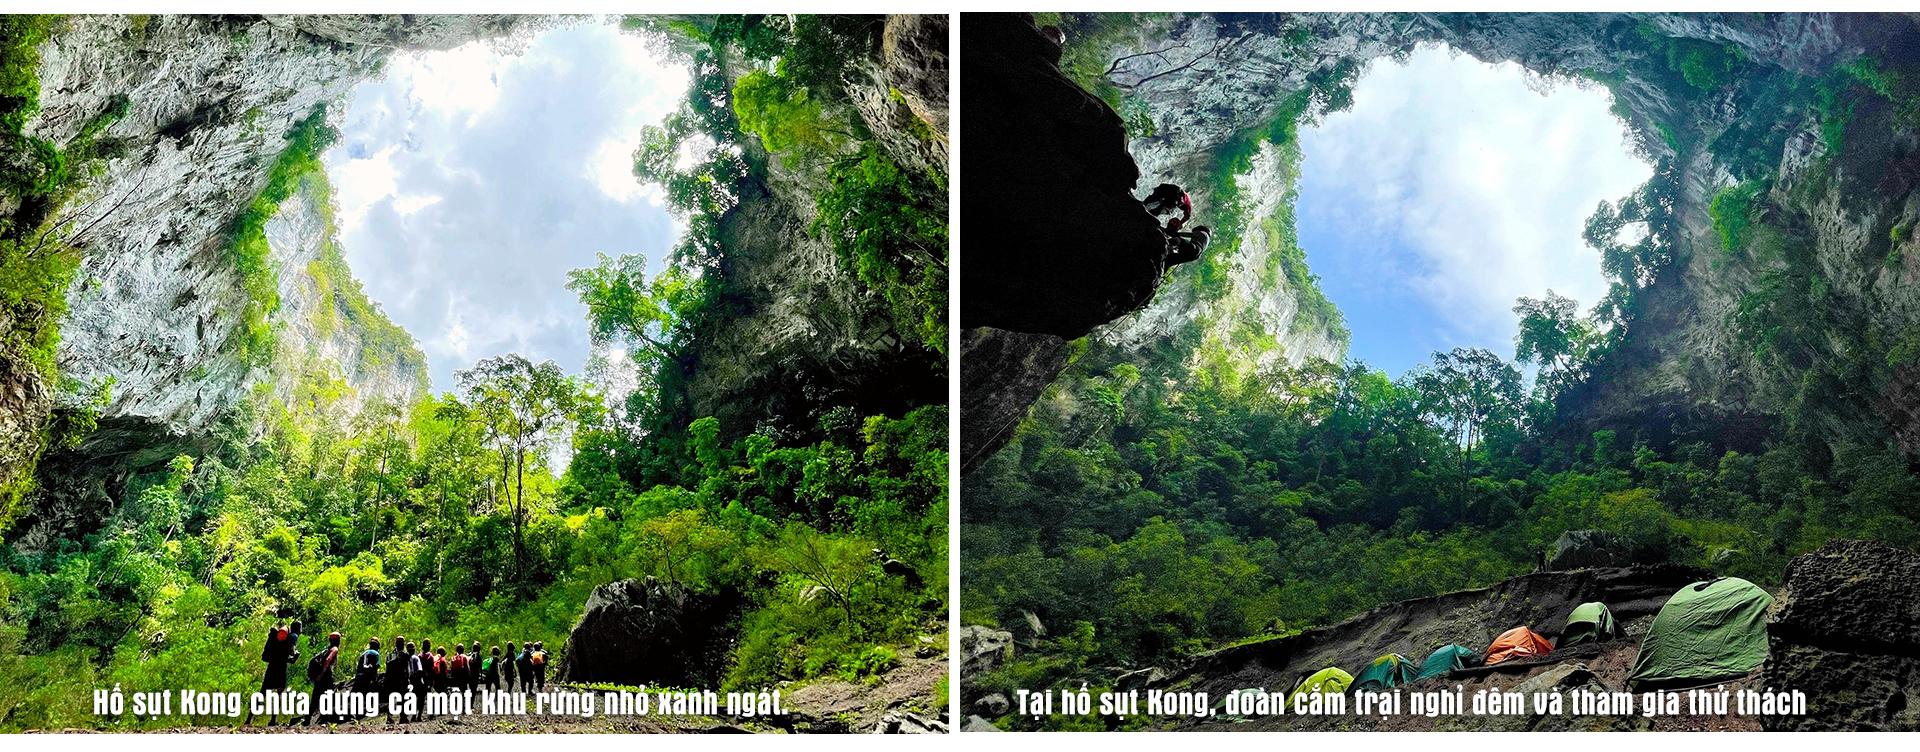 Hang Hổ - Hố sụt Kong: Phiêu lưu để tìm lại chính mình -0